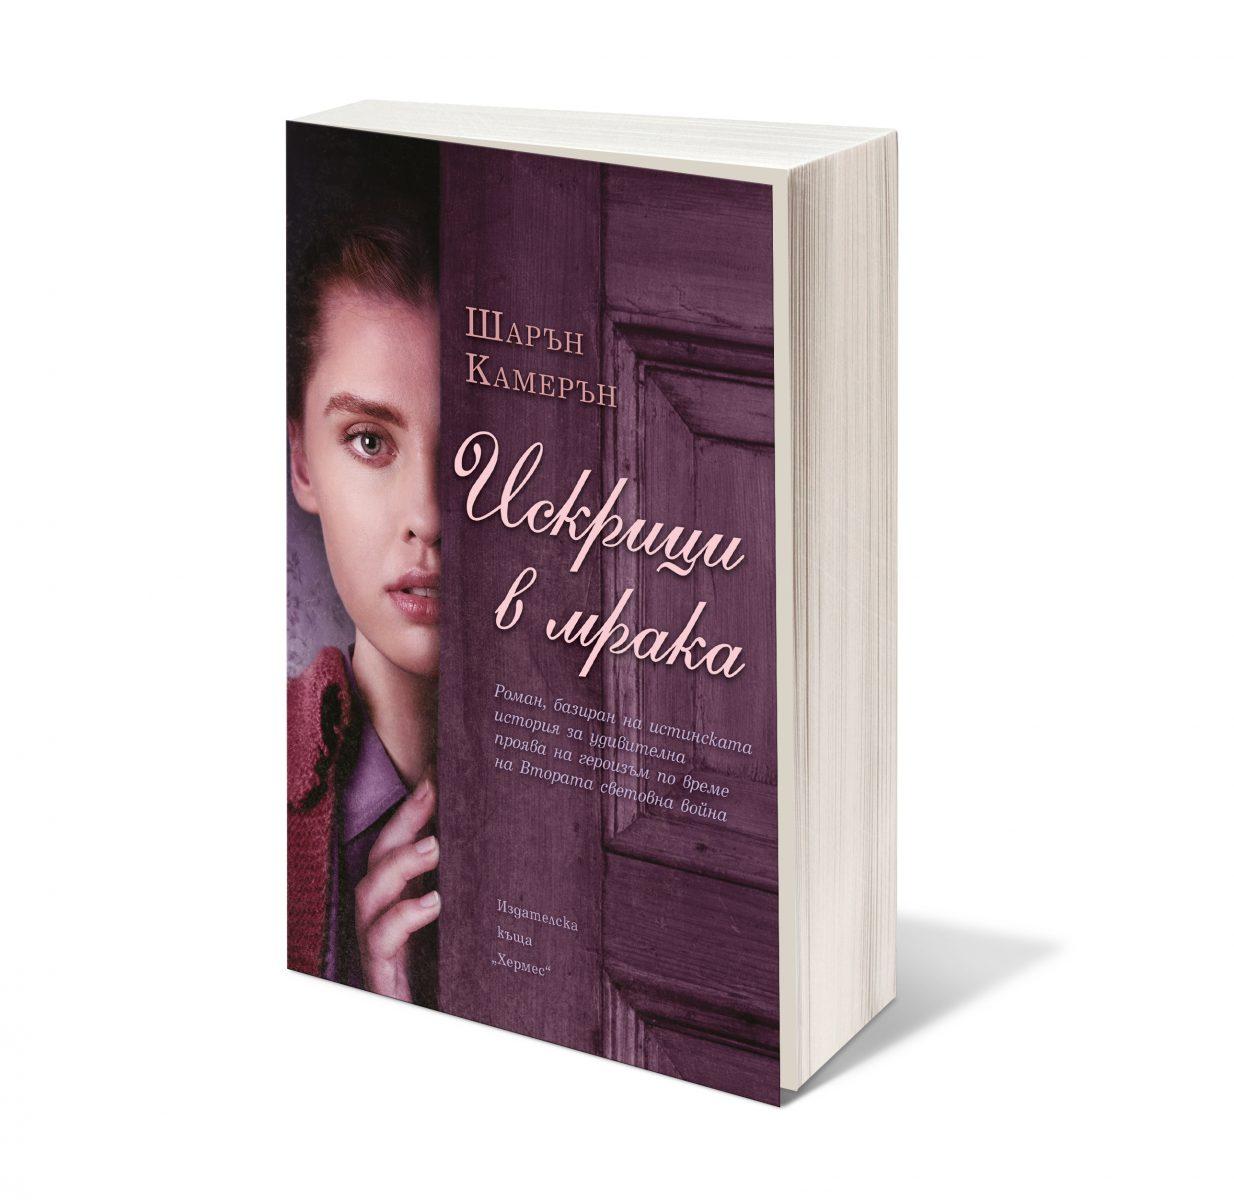 Искрици в мрака, корица, превод Камелия Кучер